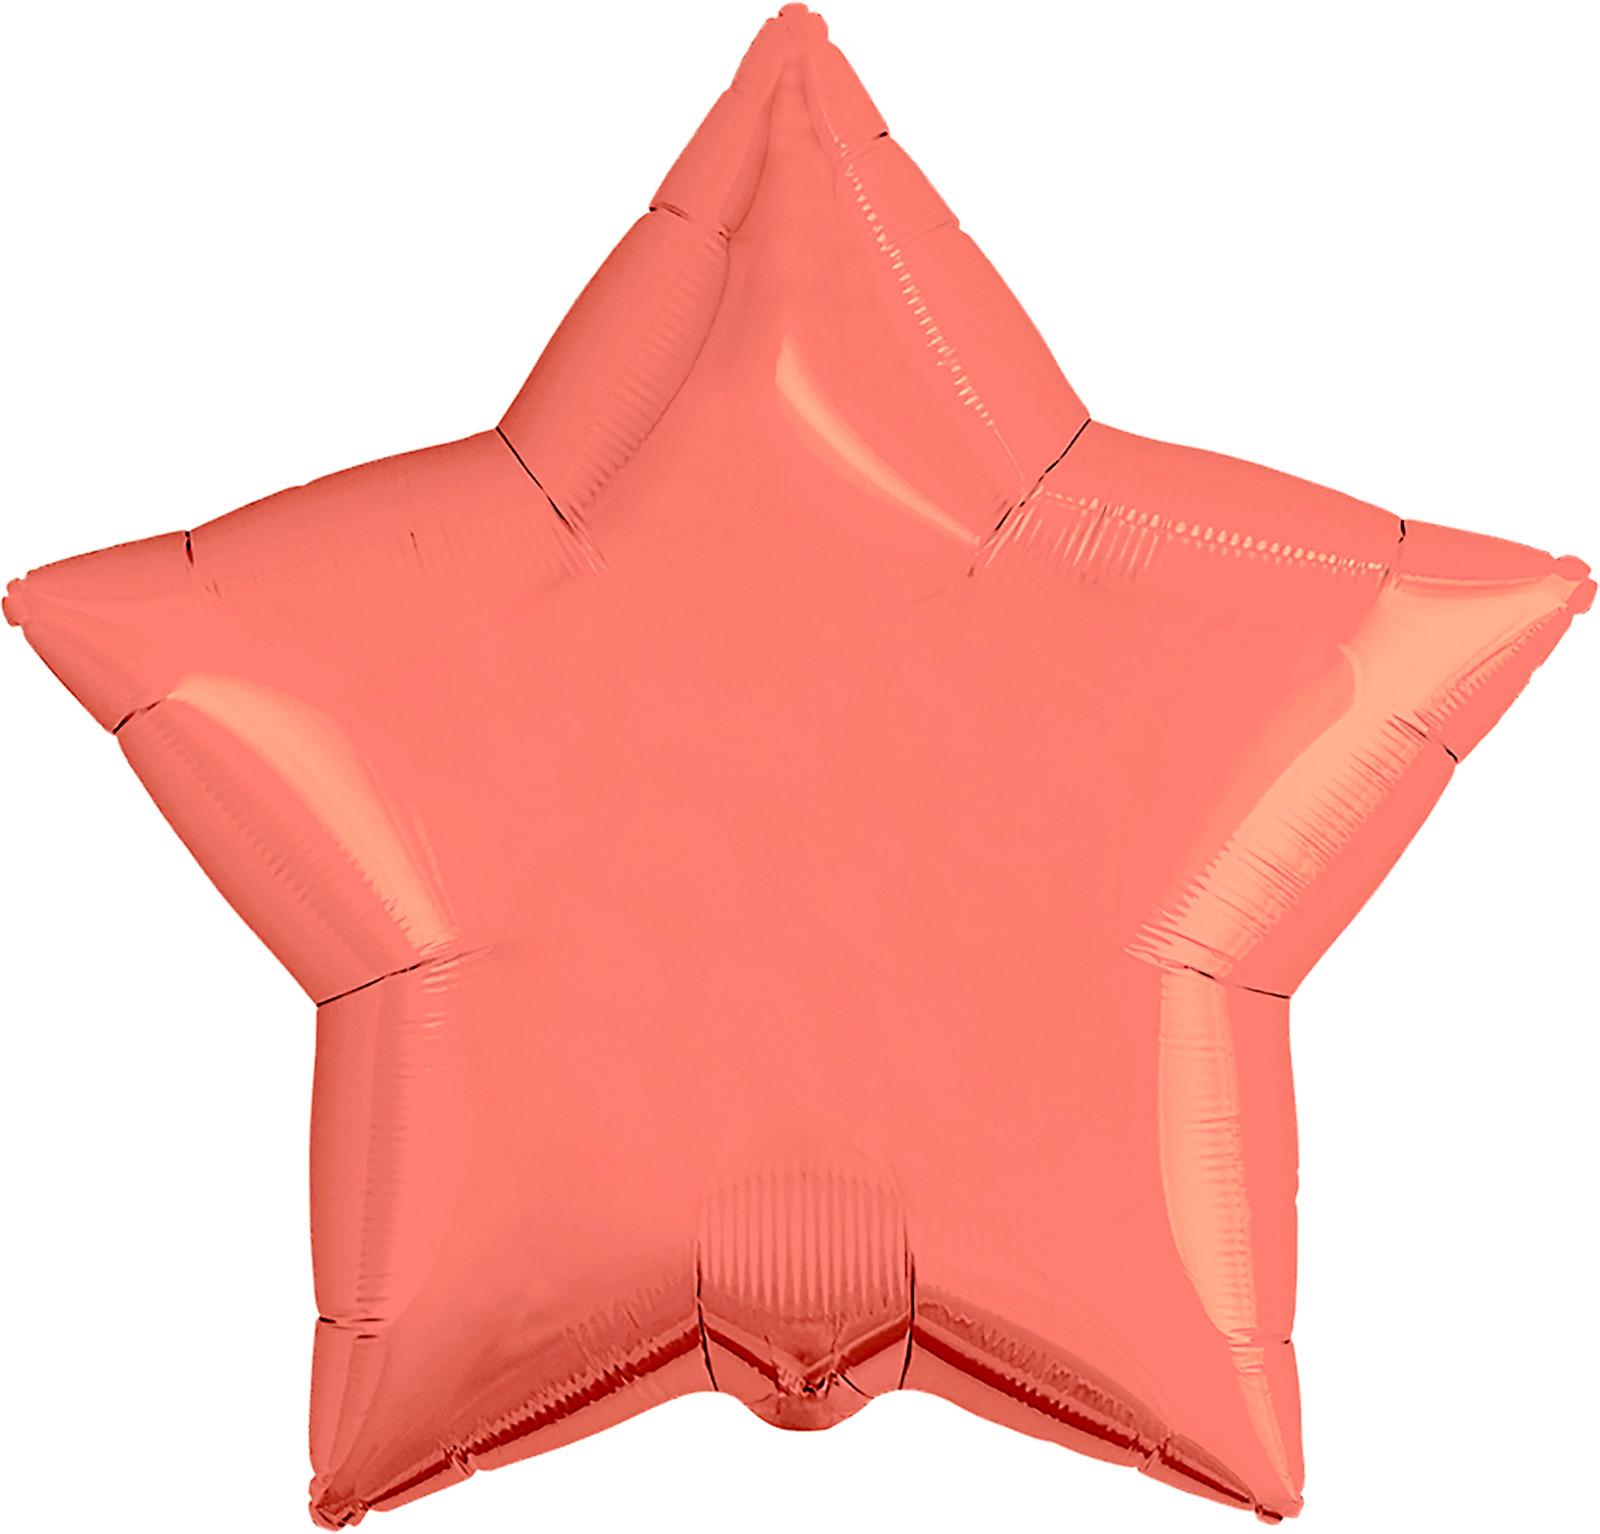 Воздушный шар Agura Miland Коралл, 466-5-306-68609-7